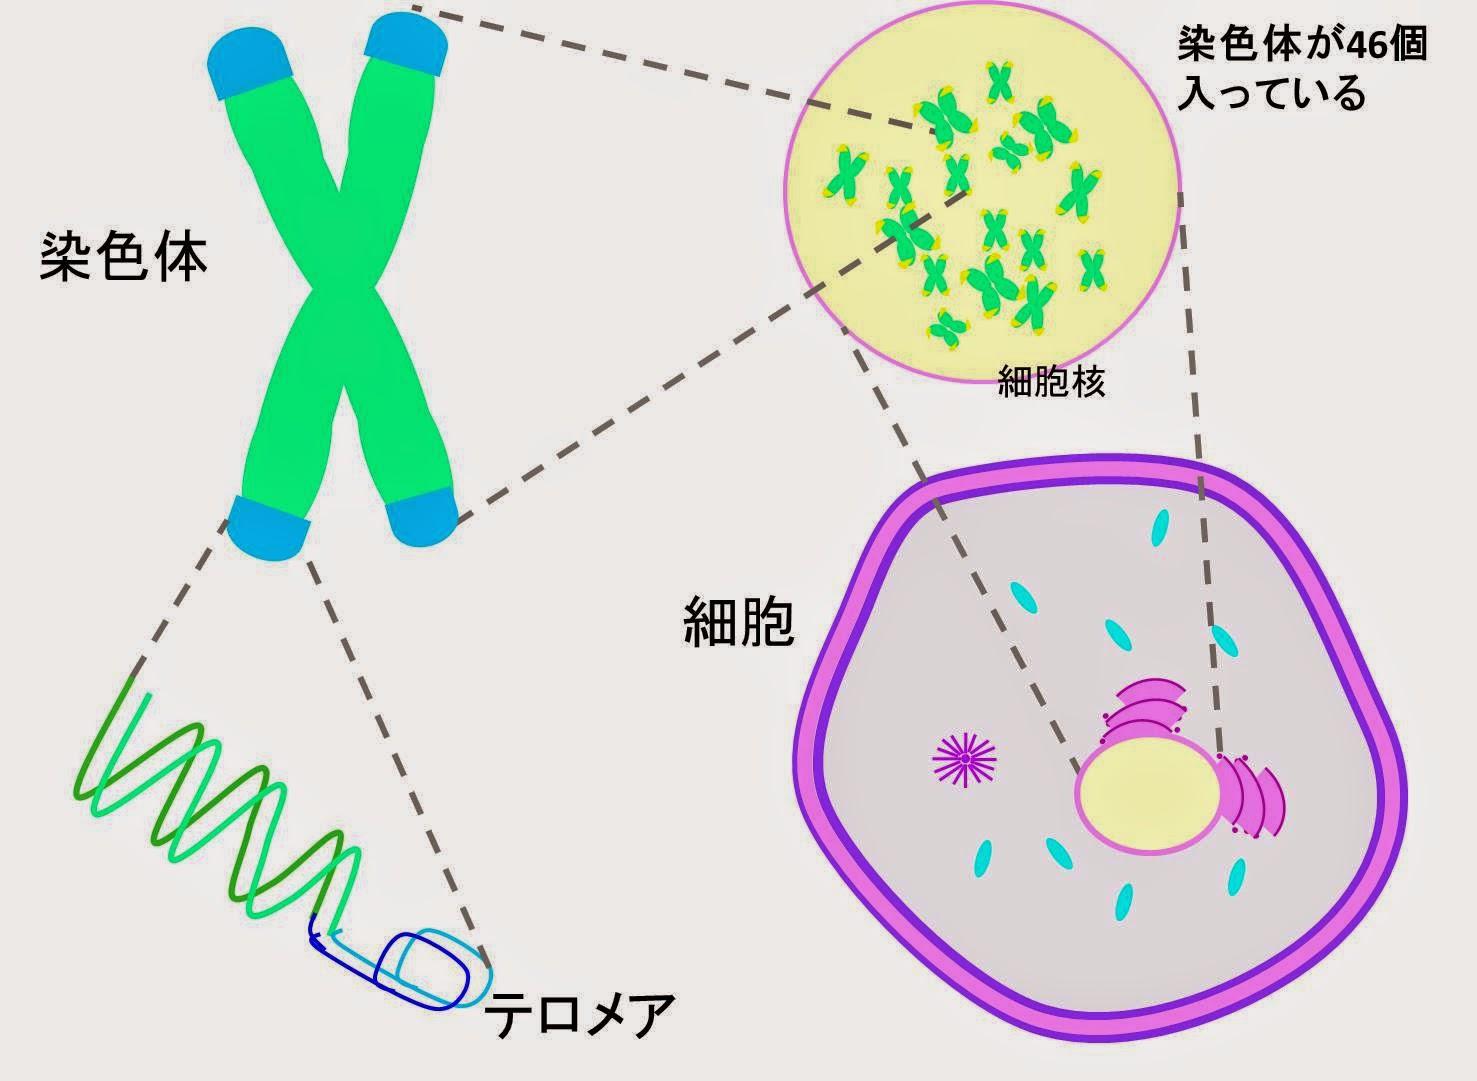 テロメア、老化、アンチエイジング、細胞核、糖質制限、テロメラーゼ、砂糖、リスク、細胞分裂、細胞老化